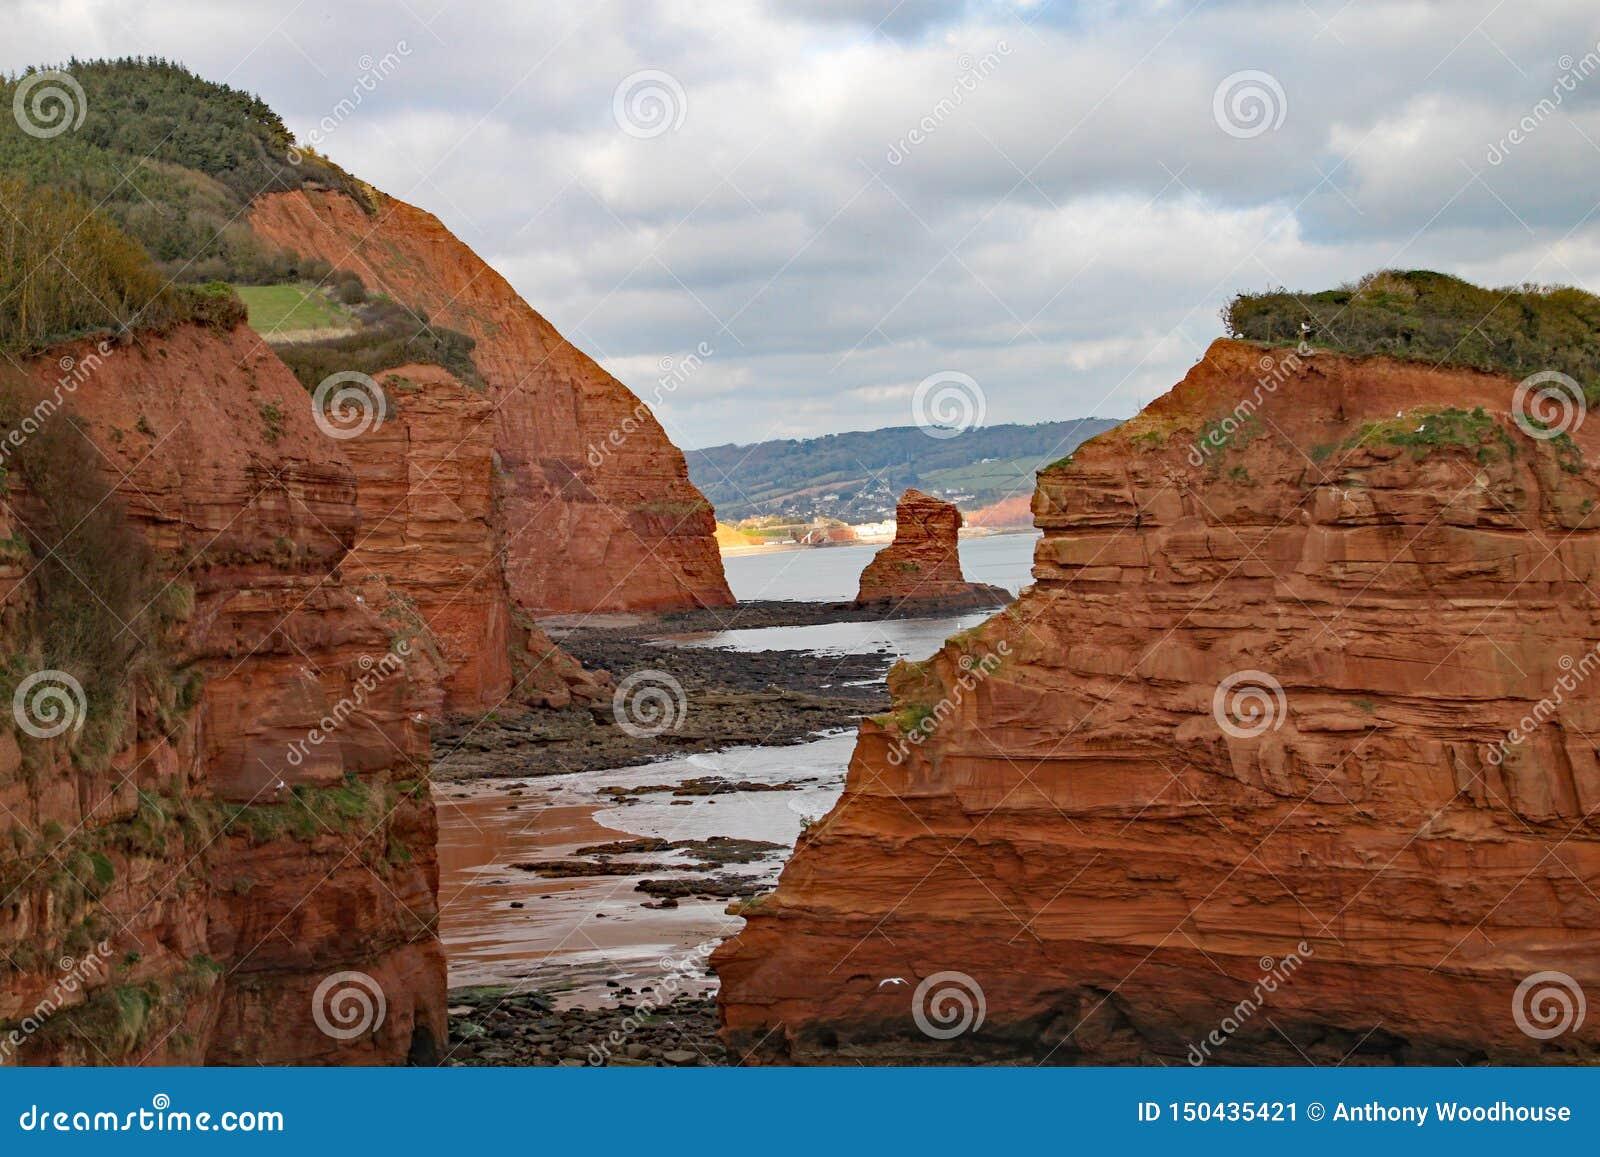 Piaskowcowa denna sterta przy Ladram zatoką blisko Sidmouth, Devon Część południowa zachodnia nabrzeżna ścieżka Sidmouth jest wid